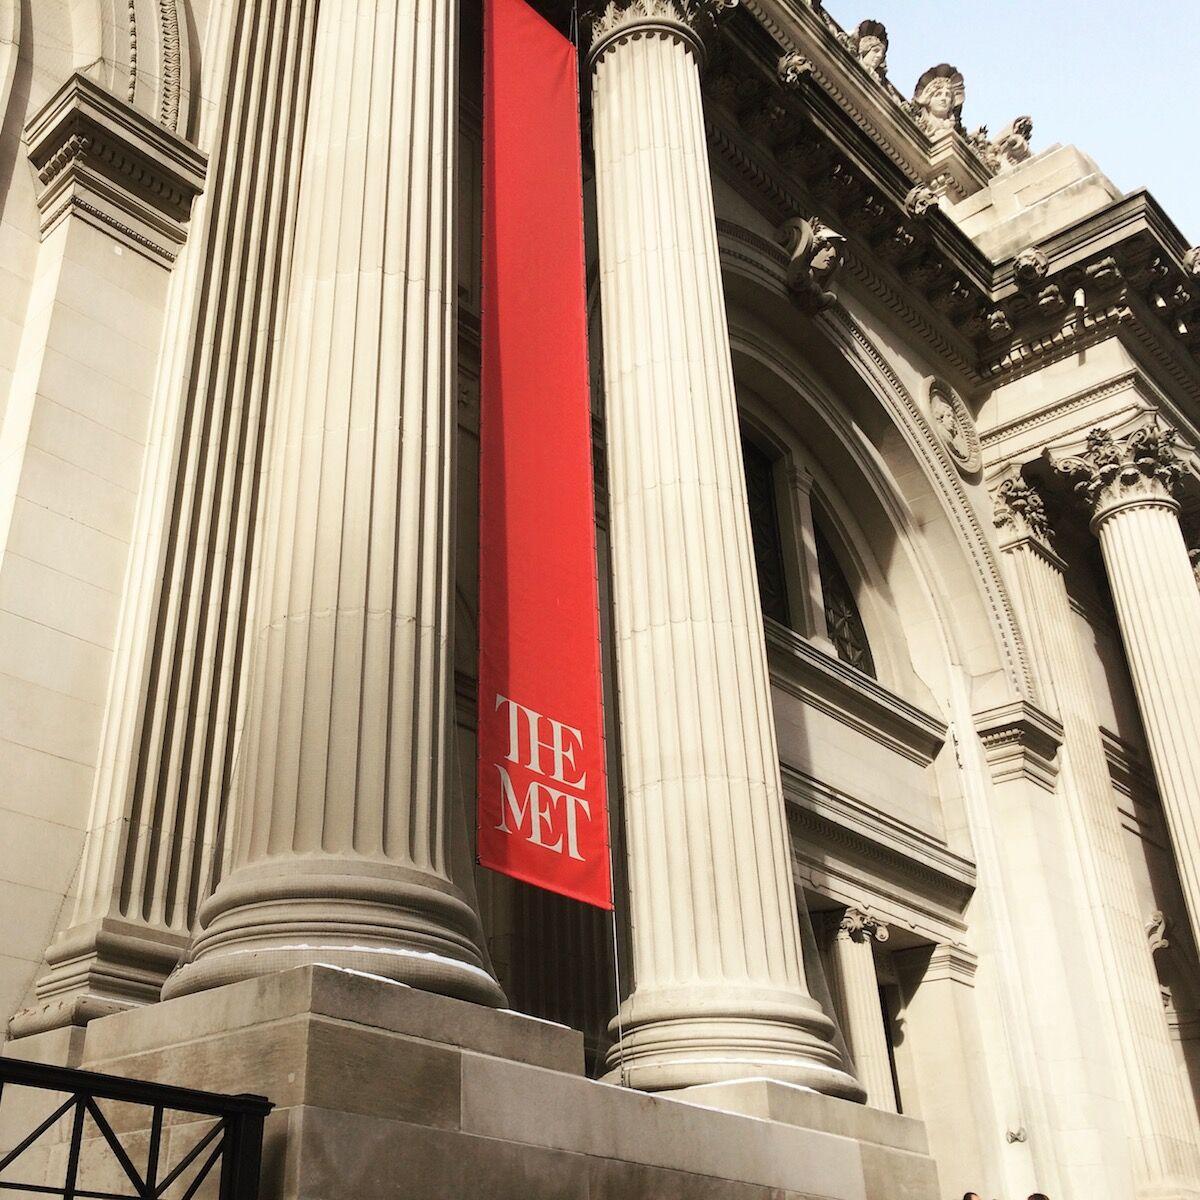 The Metropolitan Museum of Art. Photo by Annalisa Welinder.